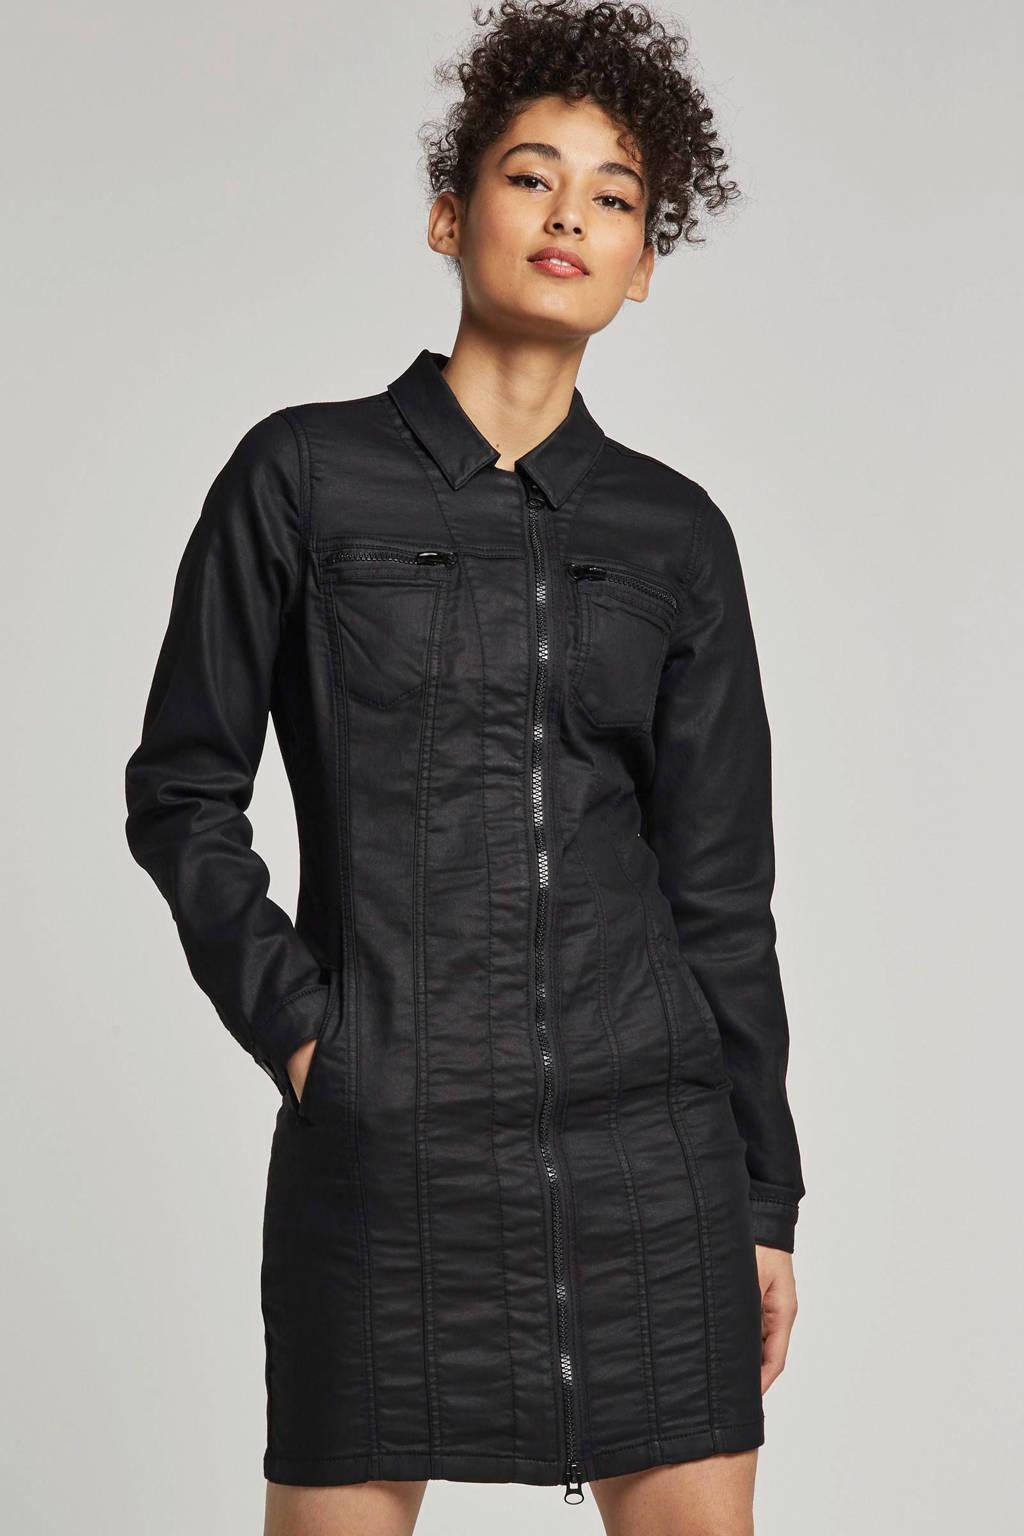 Geisha jurk met sier stiksels, Zwart